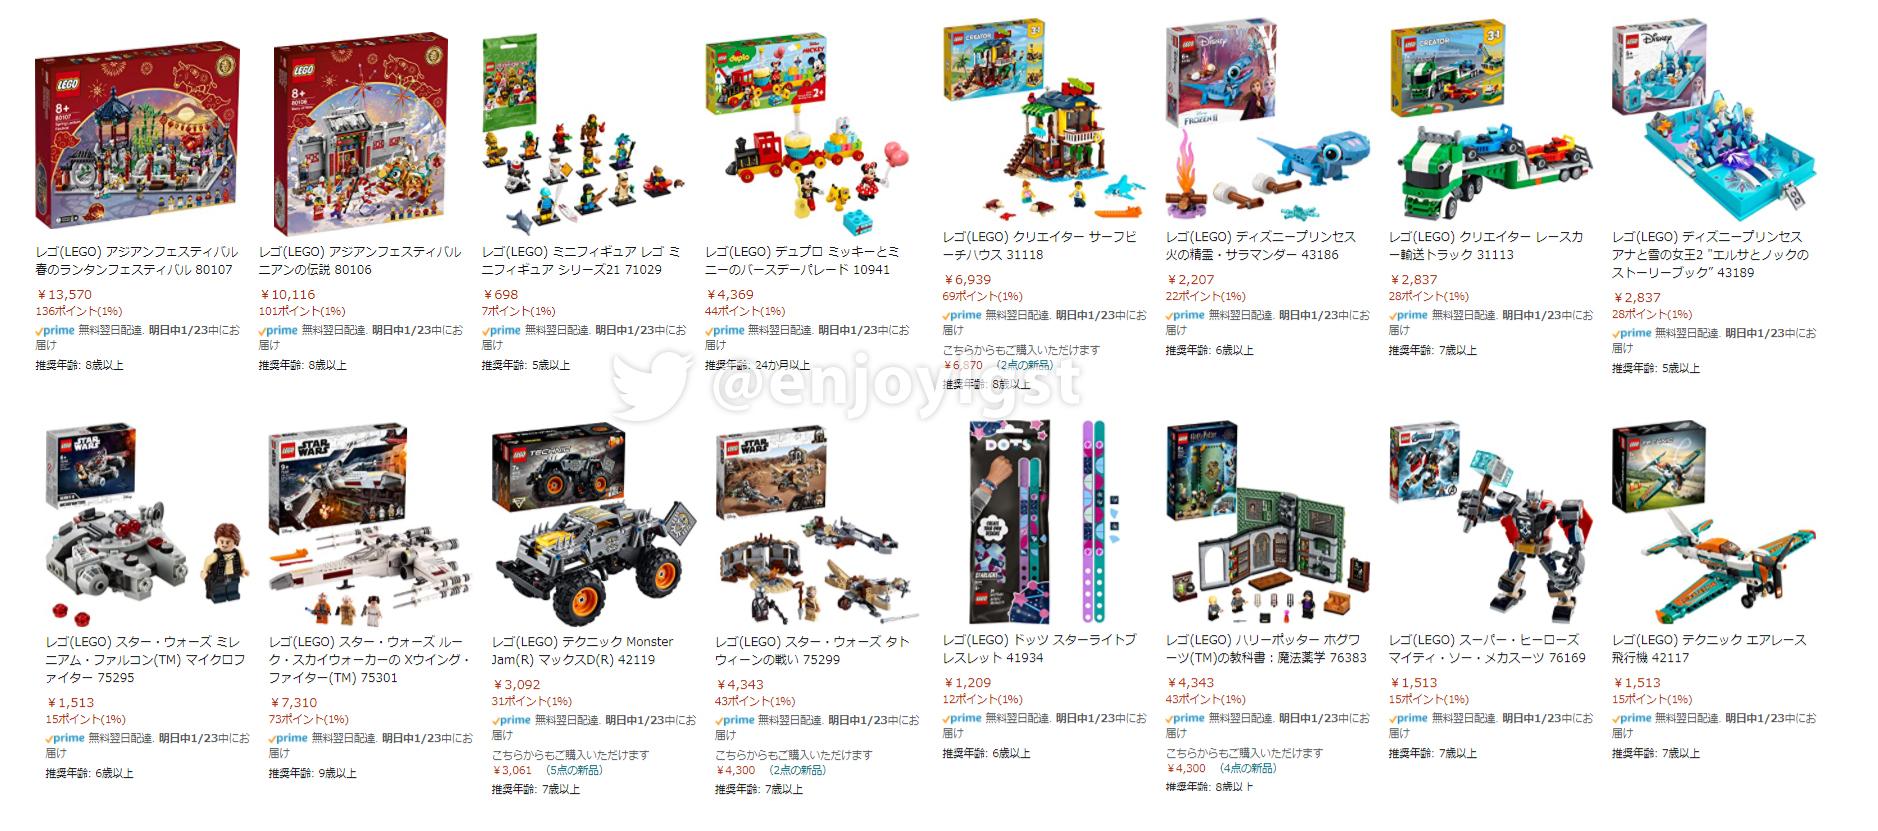 レゴ新製品まとめてチェック